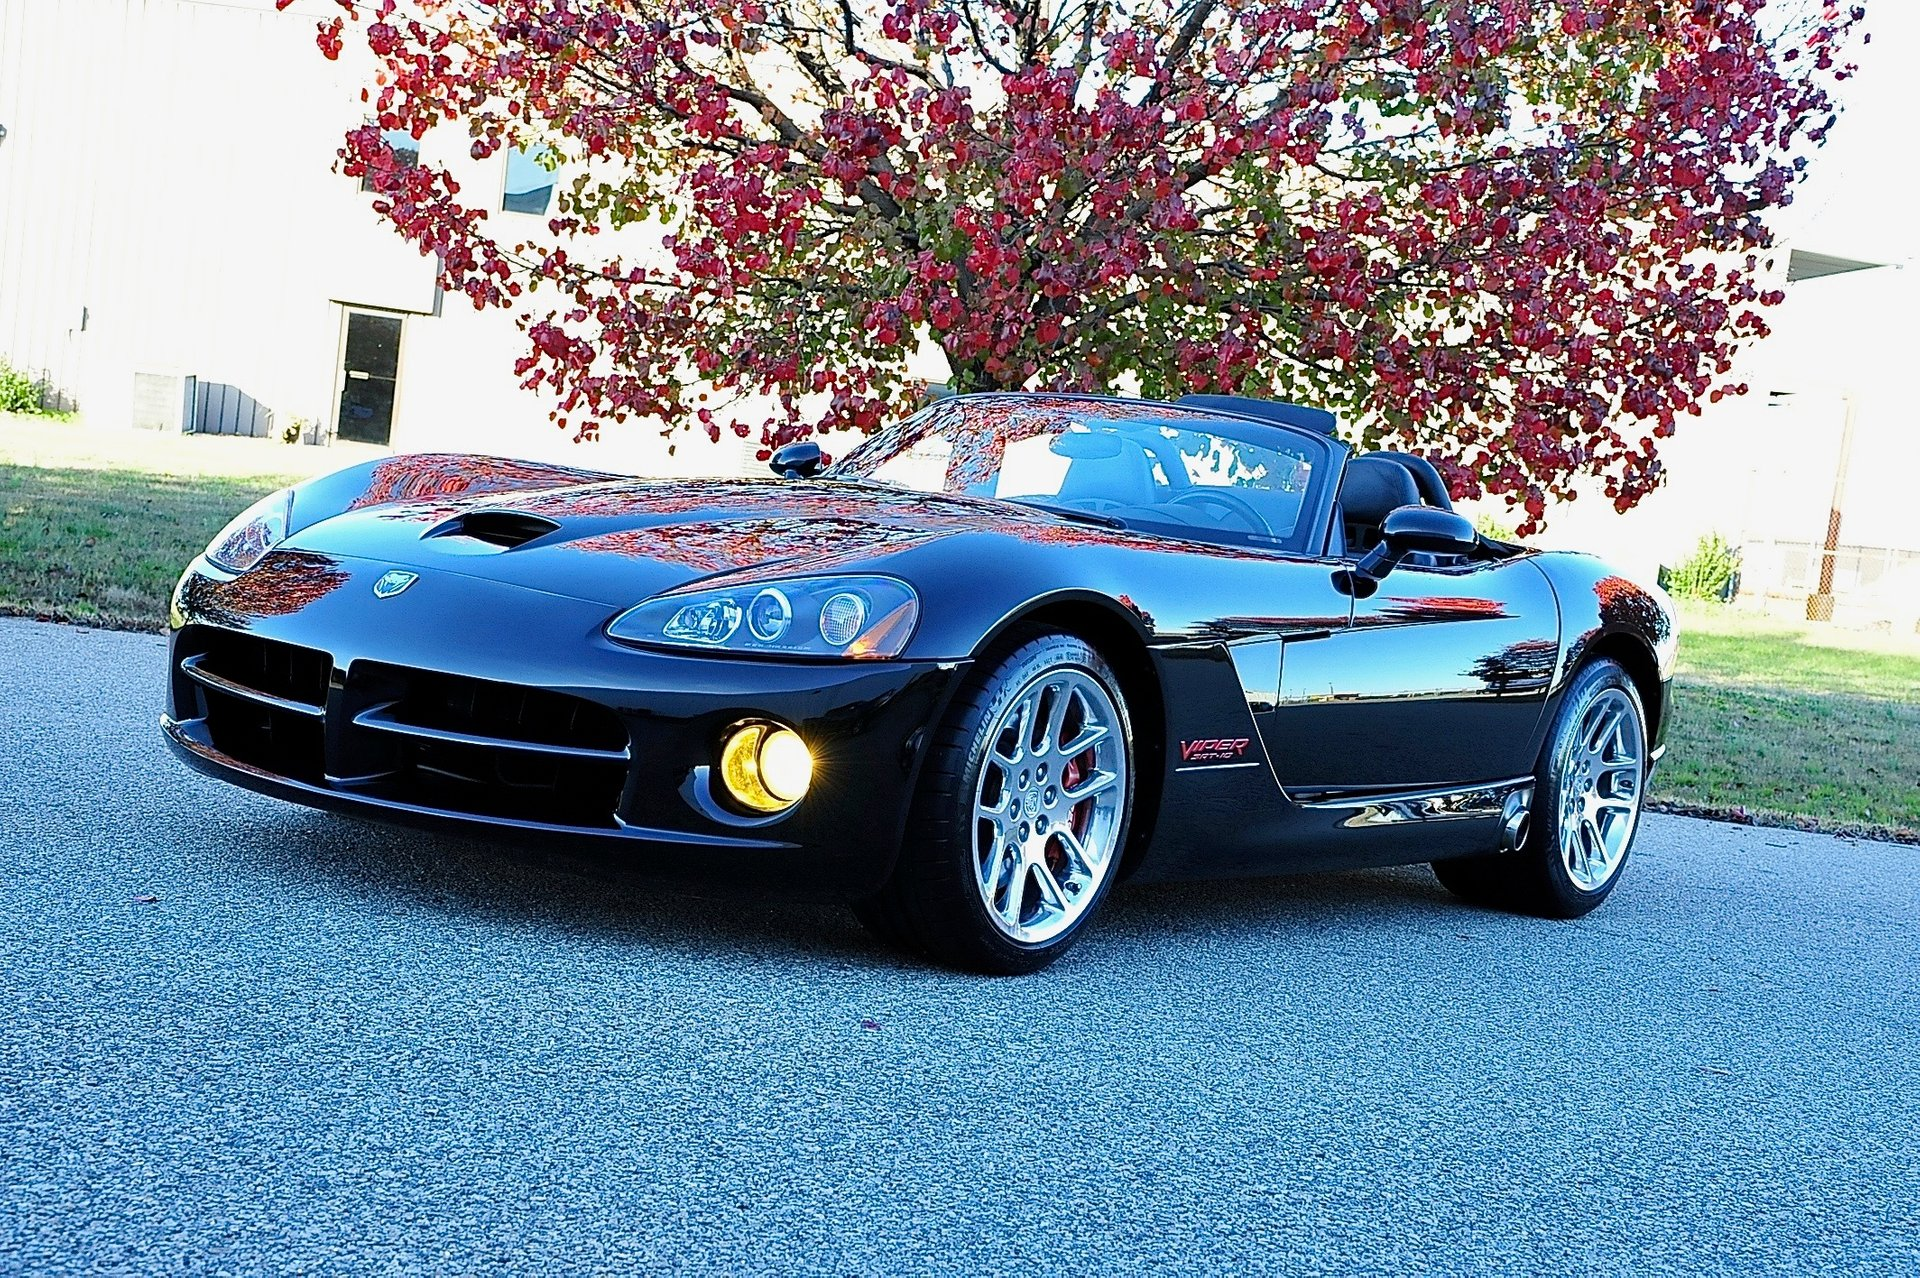 2003 dodge viper 2dr srt 10 convertible